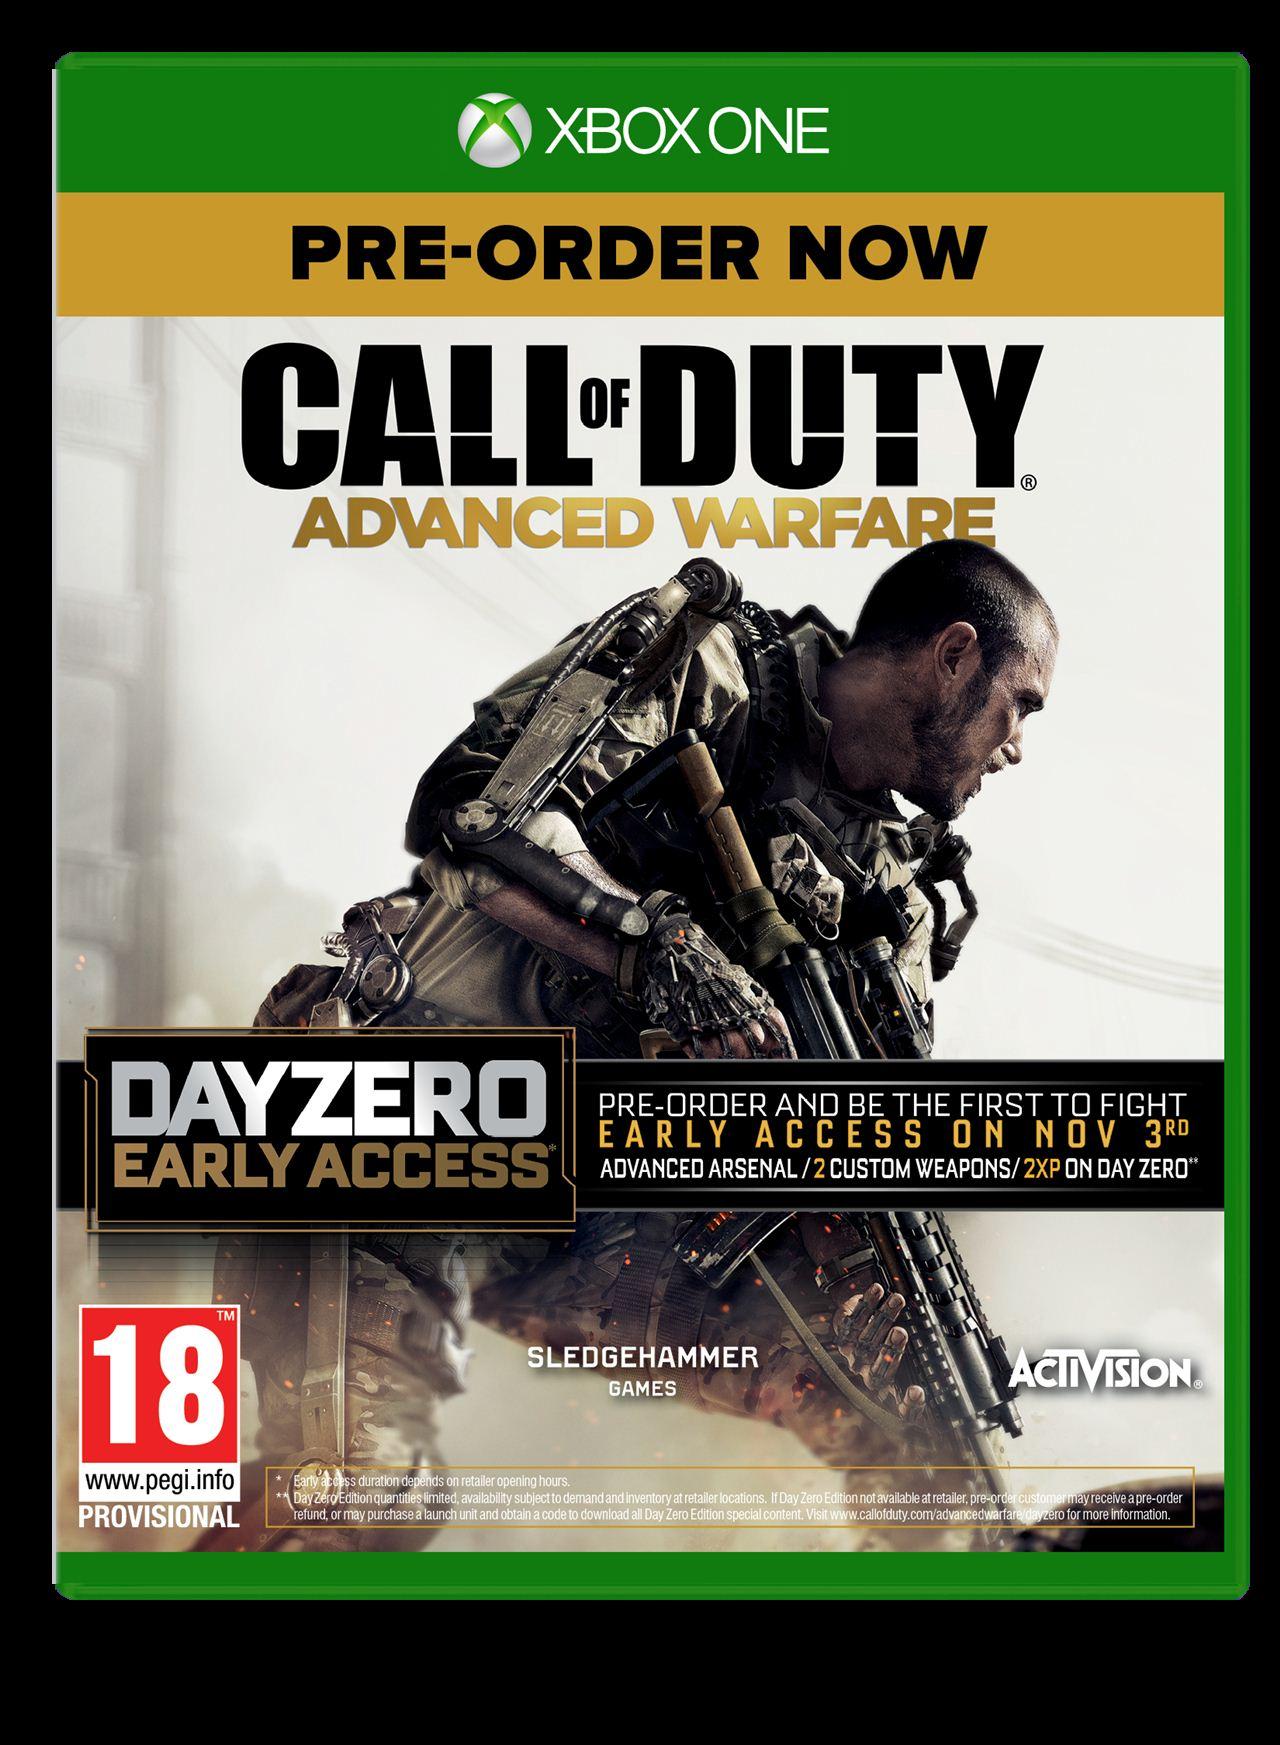 Call of Duty: Advanced Warfare ps4 day zero